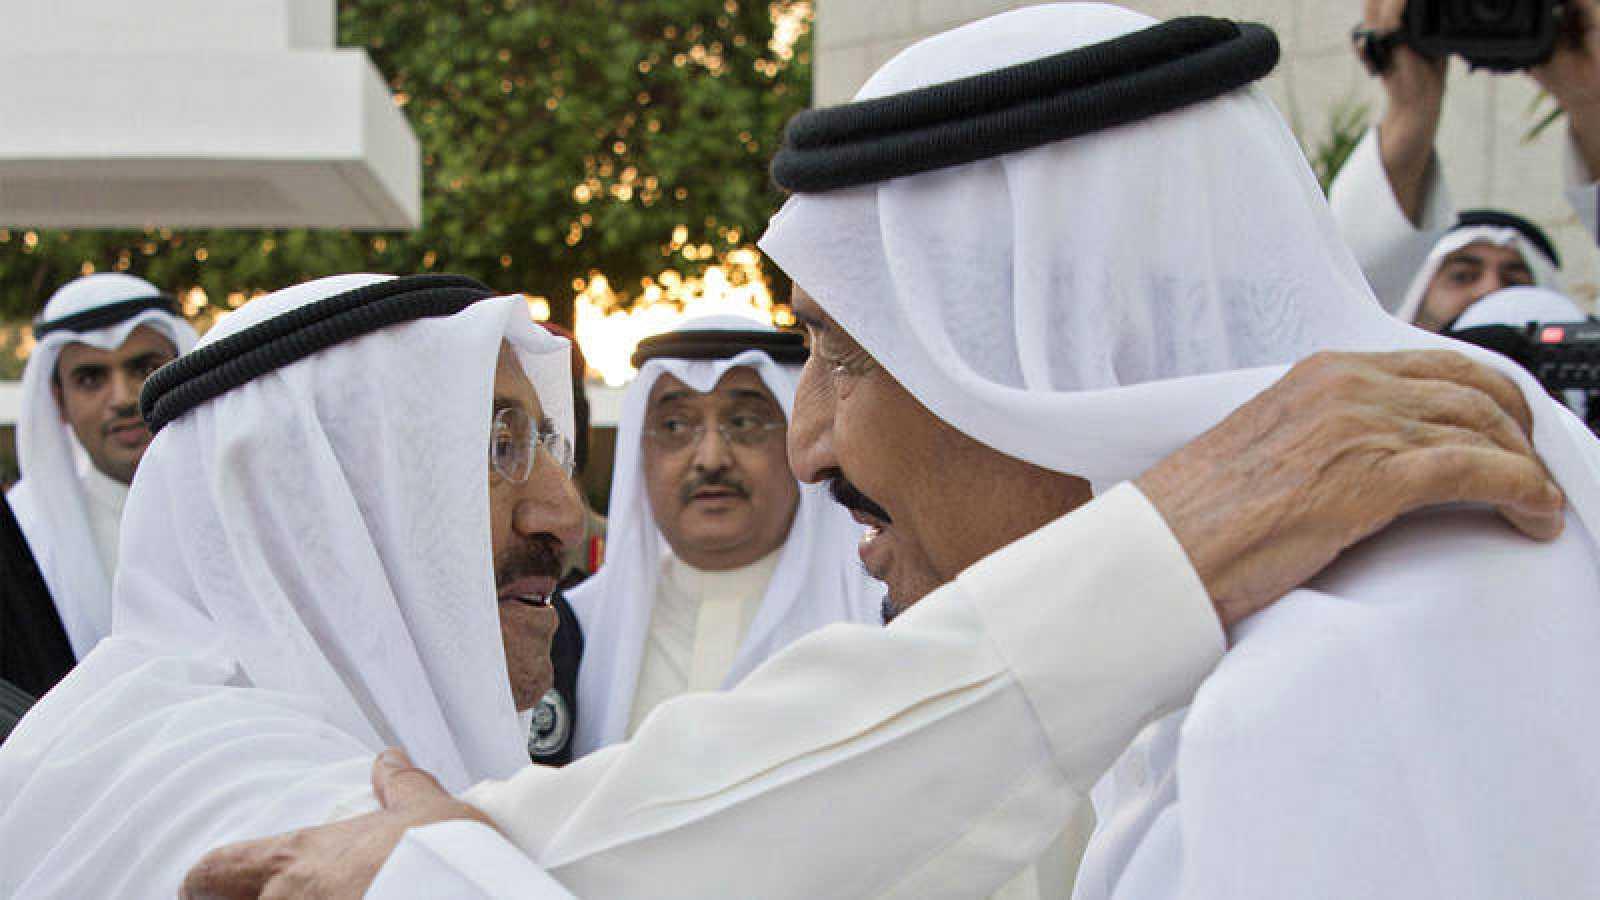 El emir kuwaití Sabah Ahmed al Sabah, saluda al rey de Arabia Saudí, Salman Bin Abdelaziz, reunidos este martes